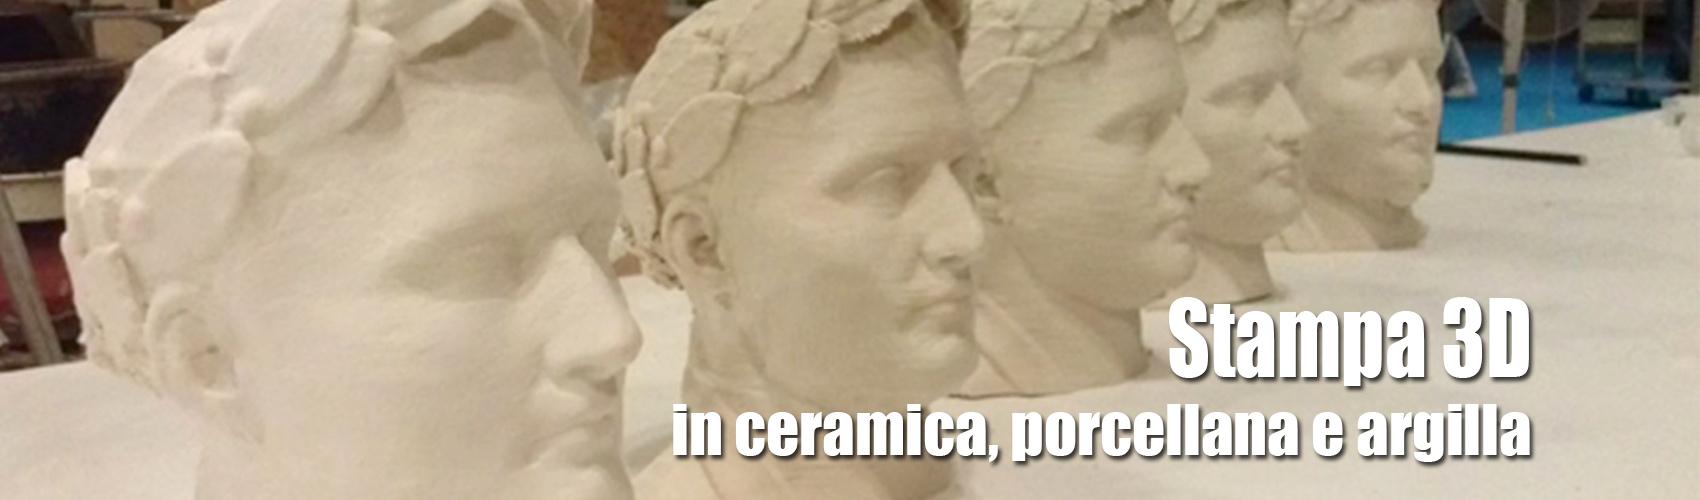 porcelalana1700x500